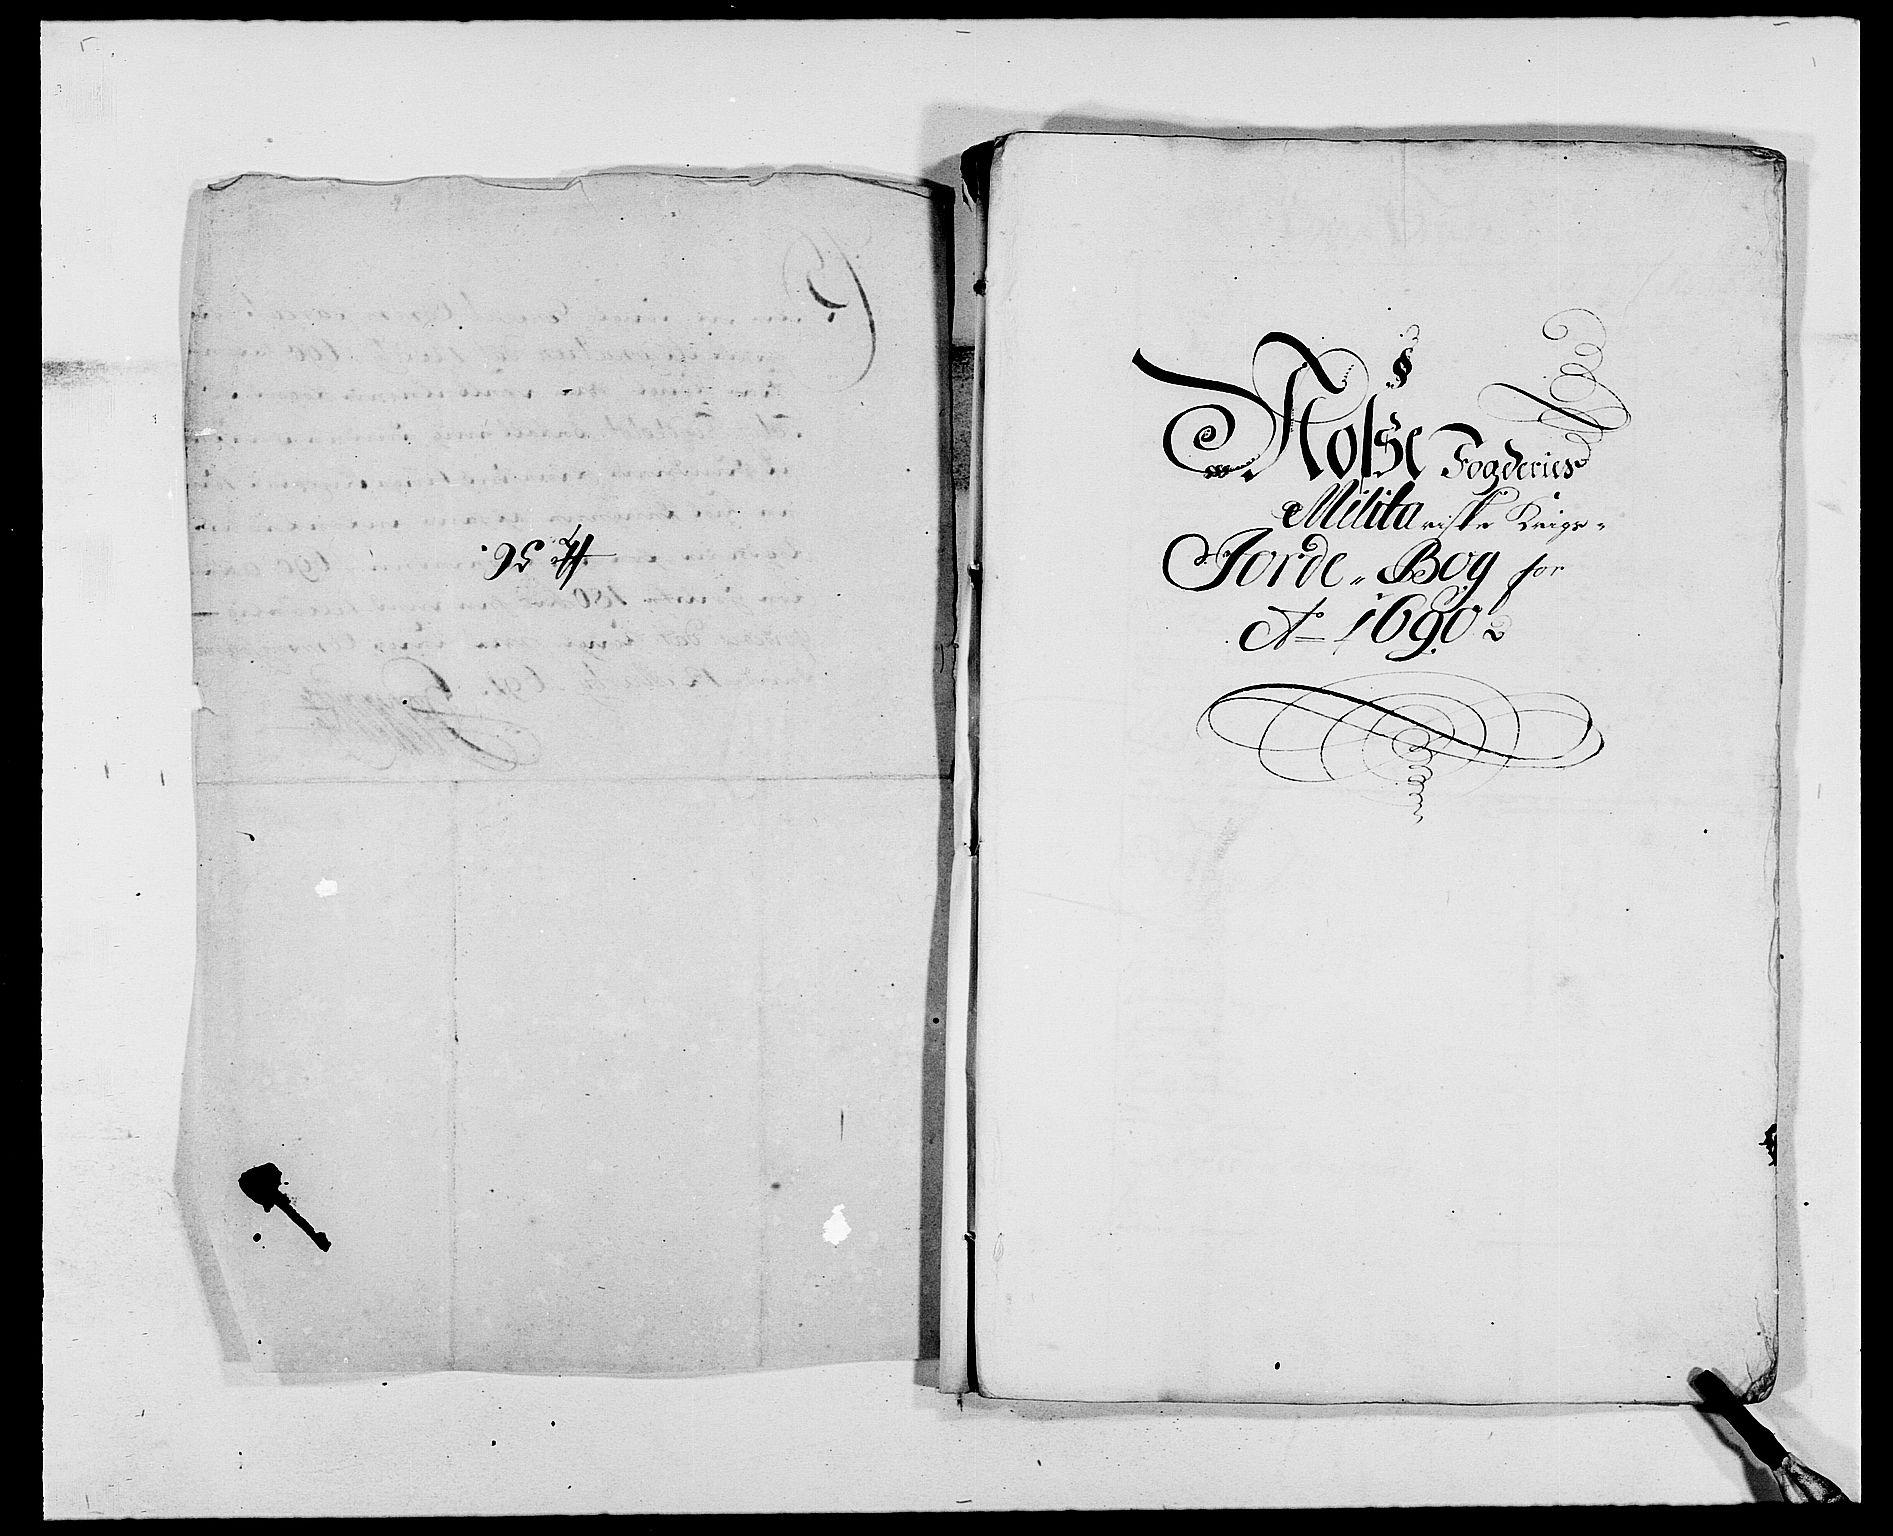 RA, Rentekammeret inntil 1814, Reviderte regnskaper, Fogderegnskap, R02/L0107: Fogderegnskap Moss og Verne kloster, 1685-1691, s. 267